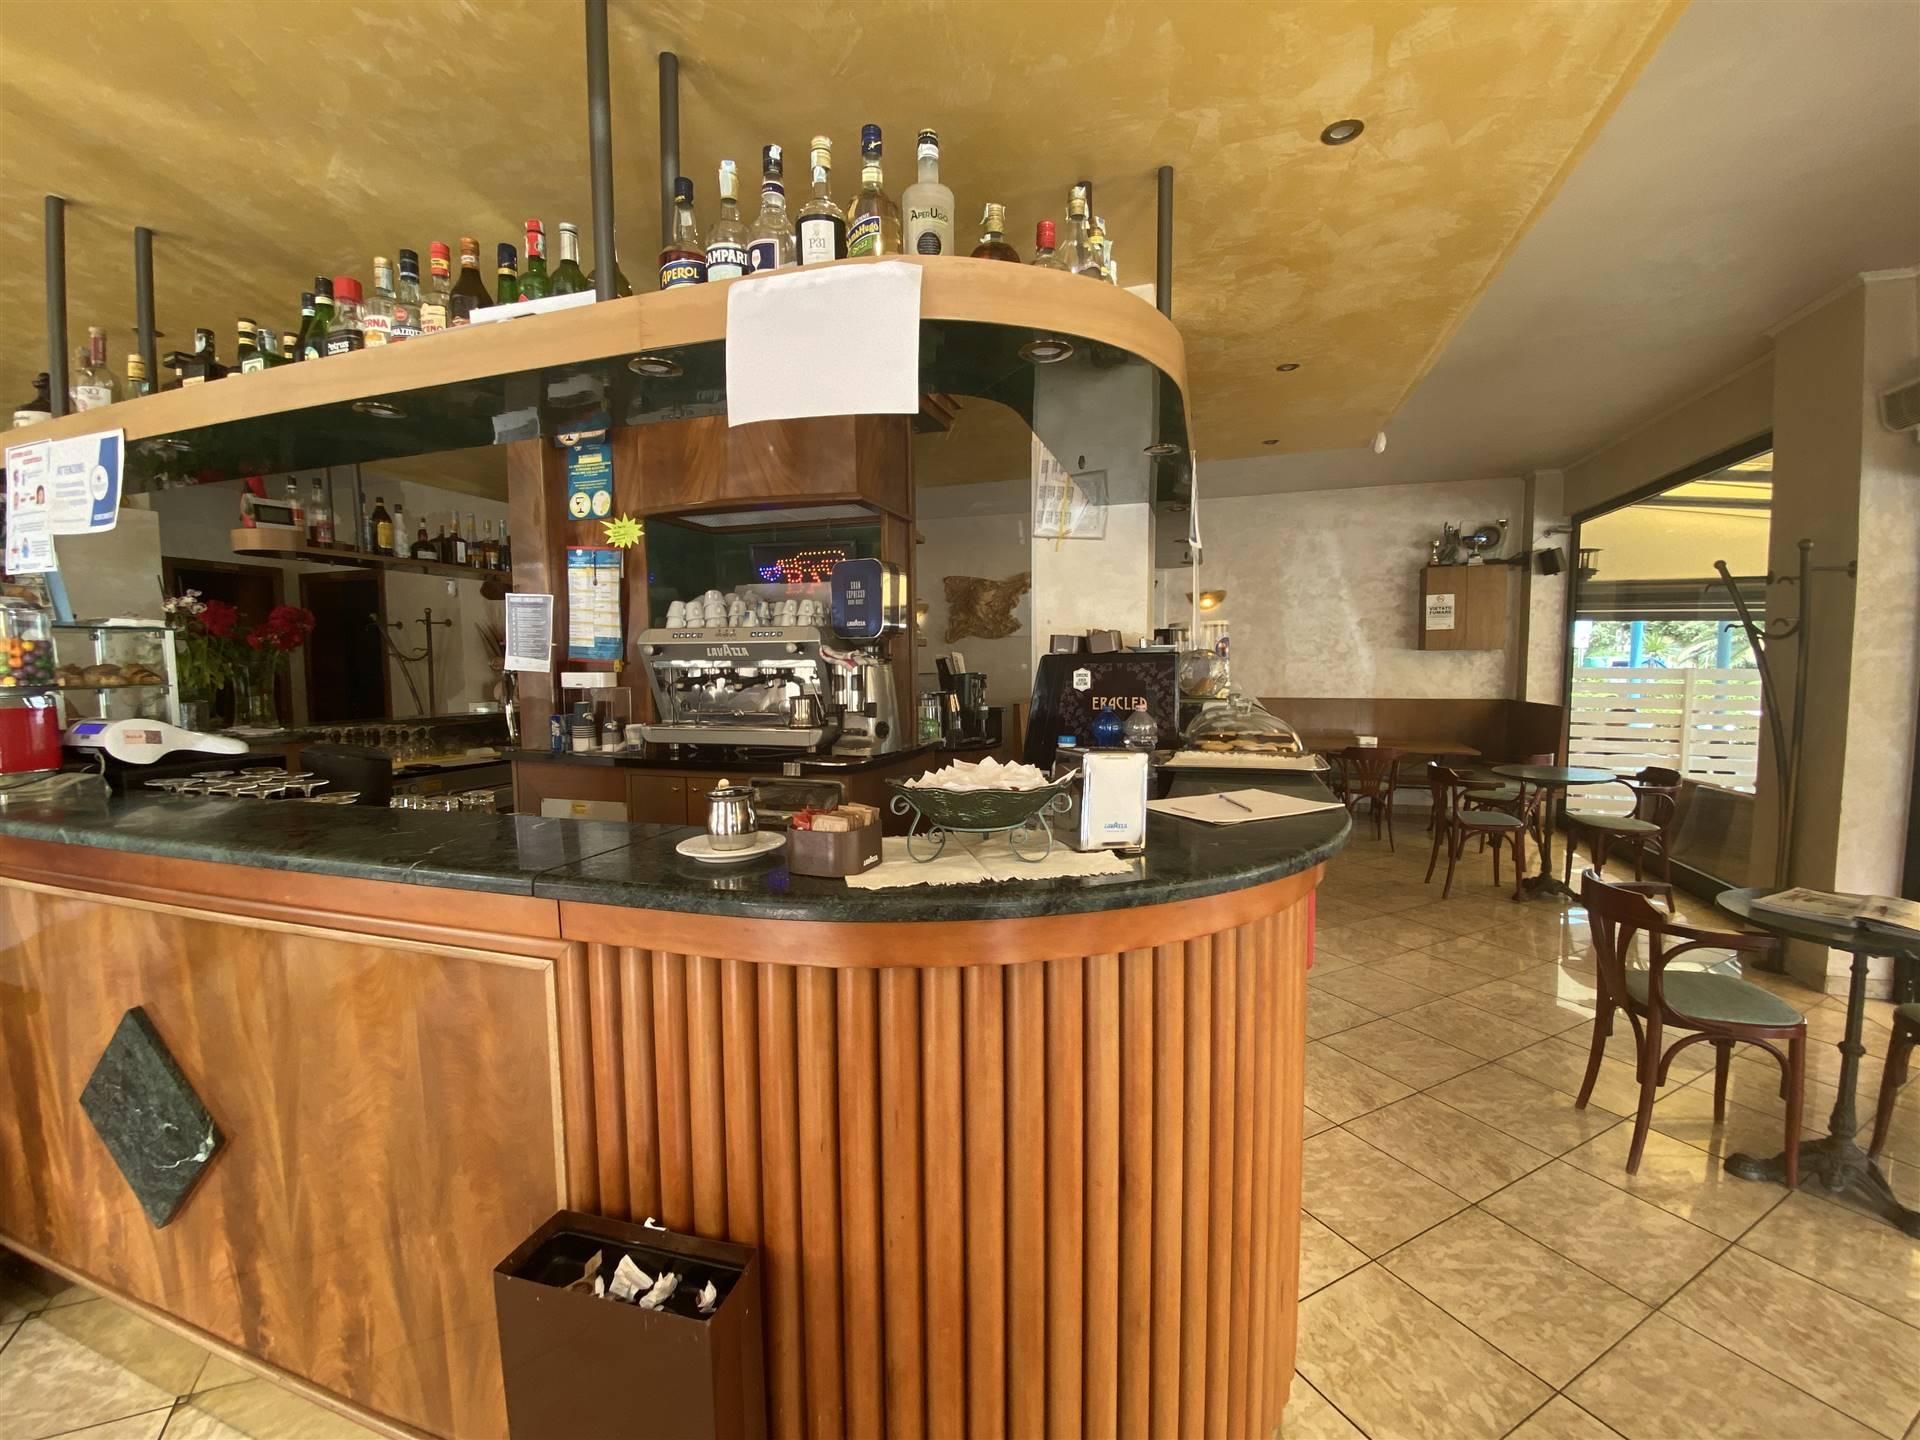 Rif. 3161: Vendesi attività di bar in via Cristoforo Colombo, a pochi passi dalla spiaggia e zona di passaggio. All'interno 100 mq, esterno 80 mq con